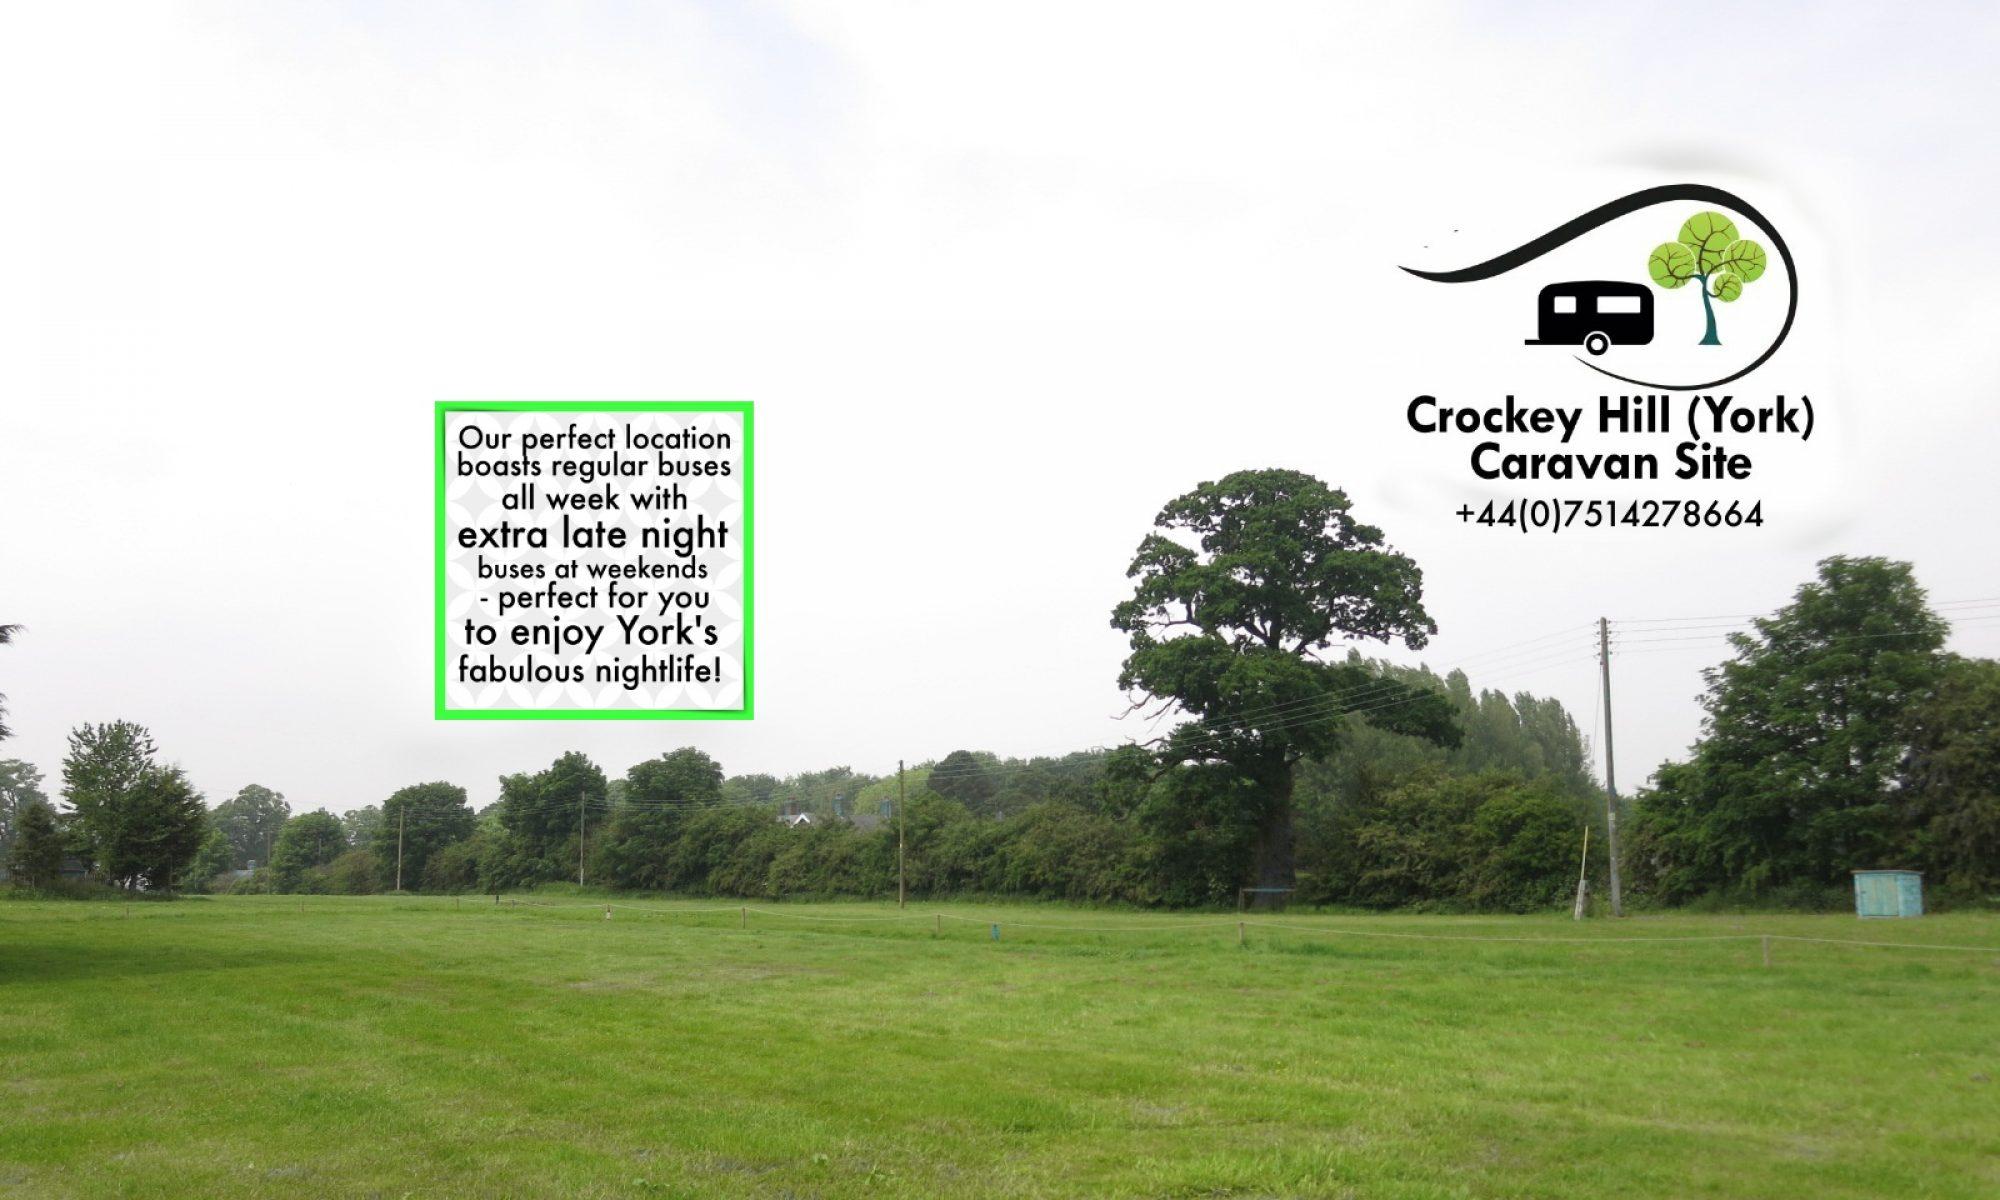 Crockey Hill Caravan Site York